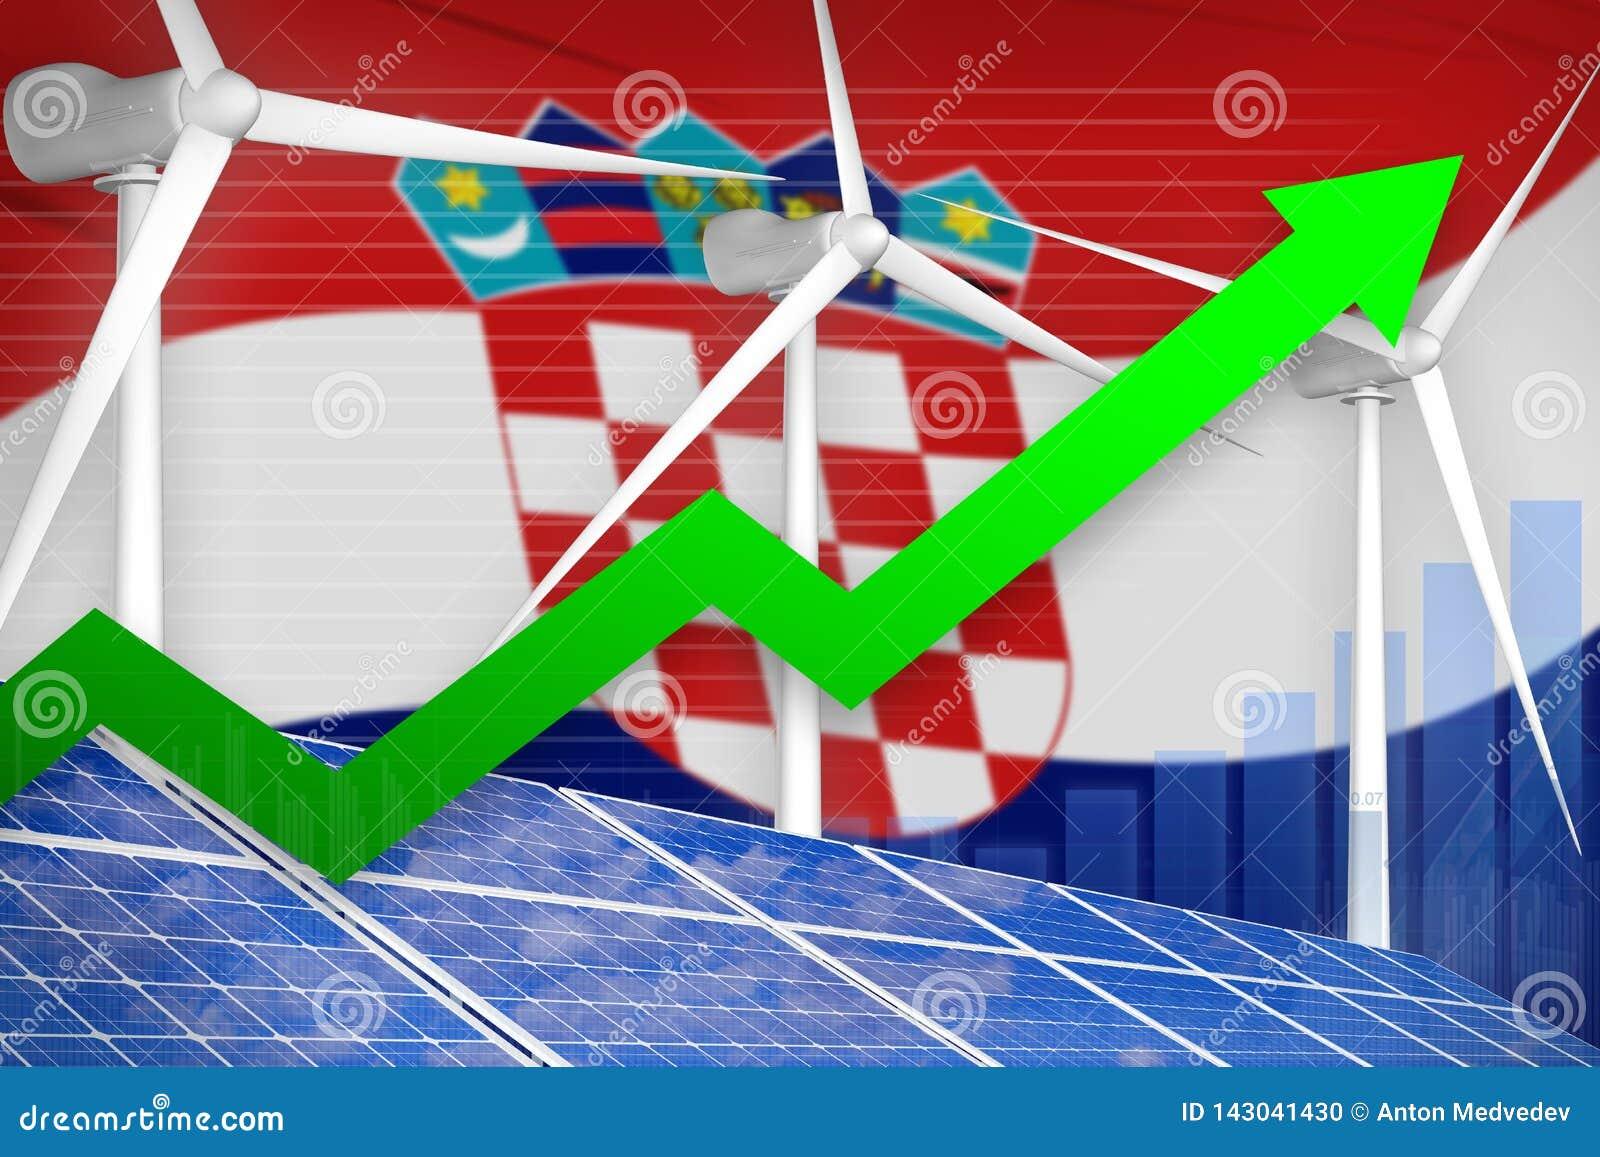 Κροατία ηλιακή και διάγραμμα αύξησης αιολικής ενέργειας, βέλος επάνω - σύγχρονη φυσική ενεργειακή βιομηχανική απεικόνιση τρισδιάσ